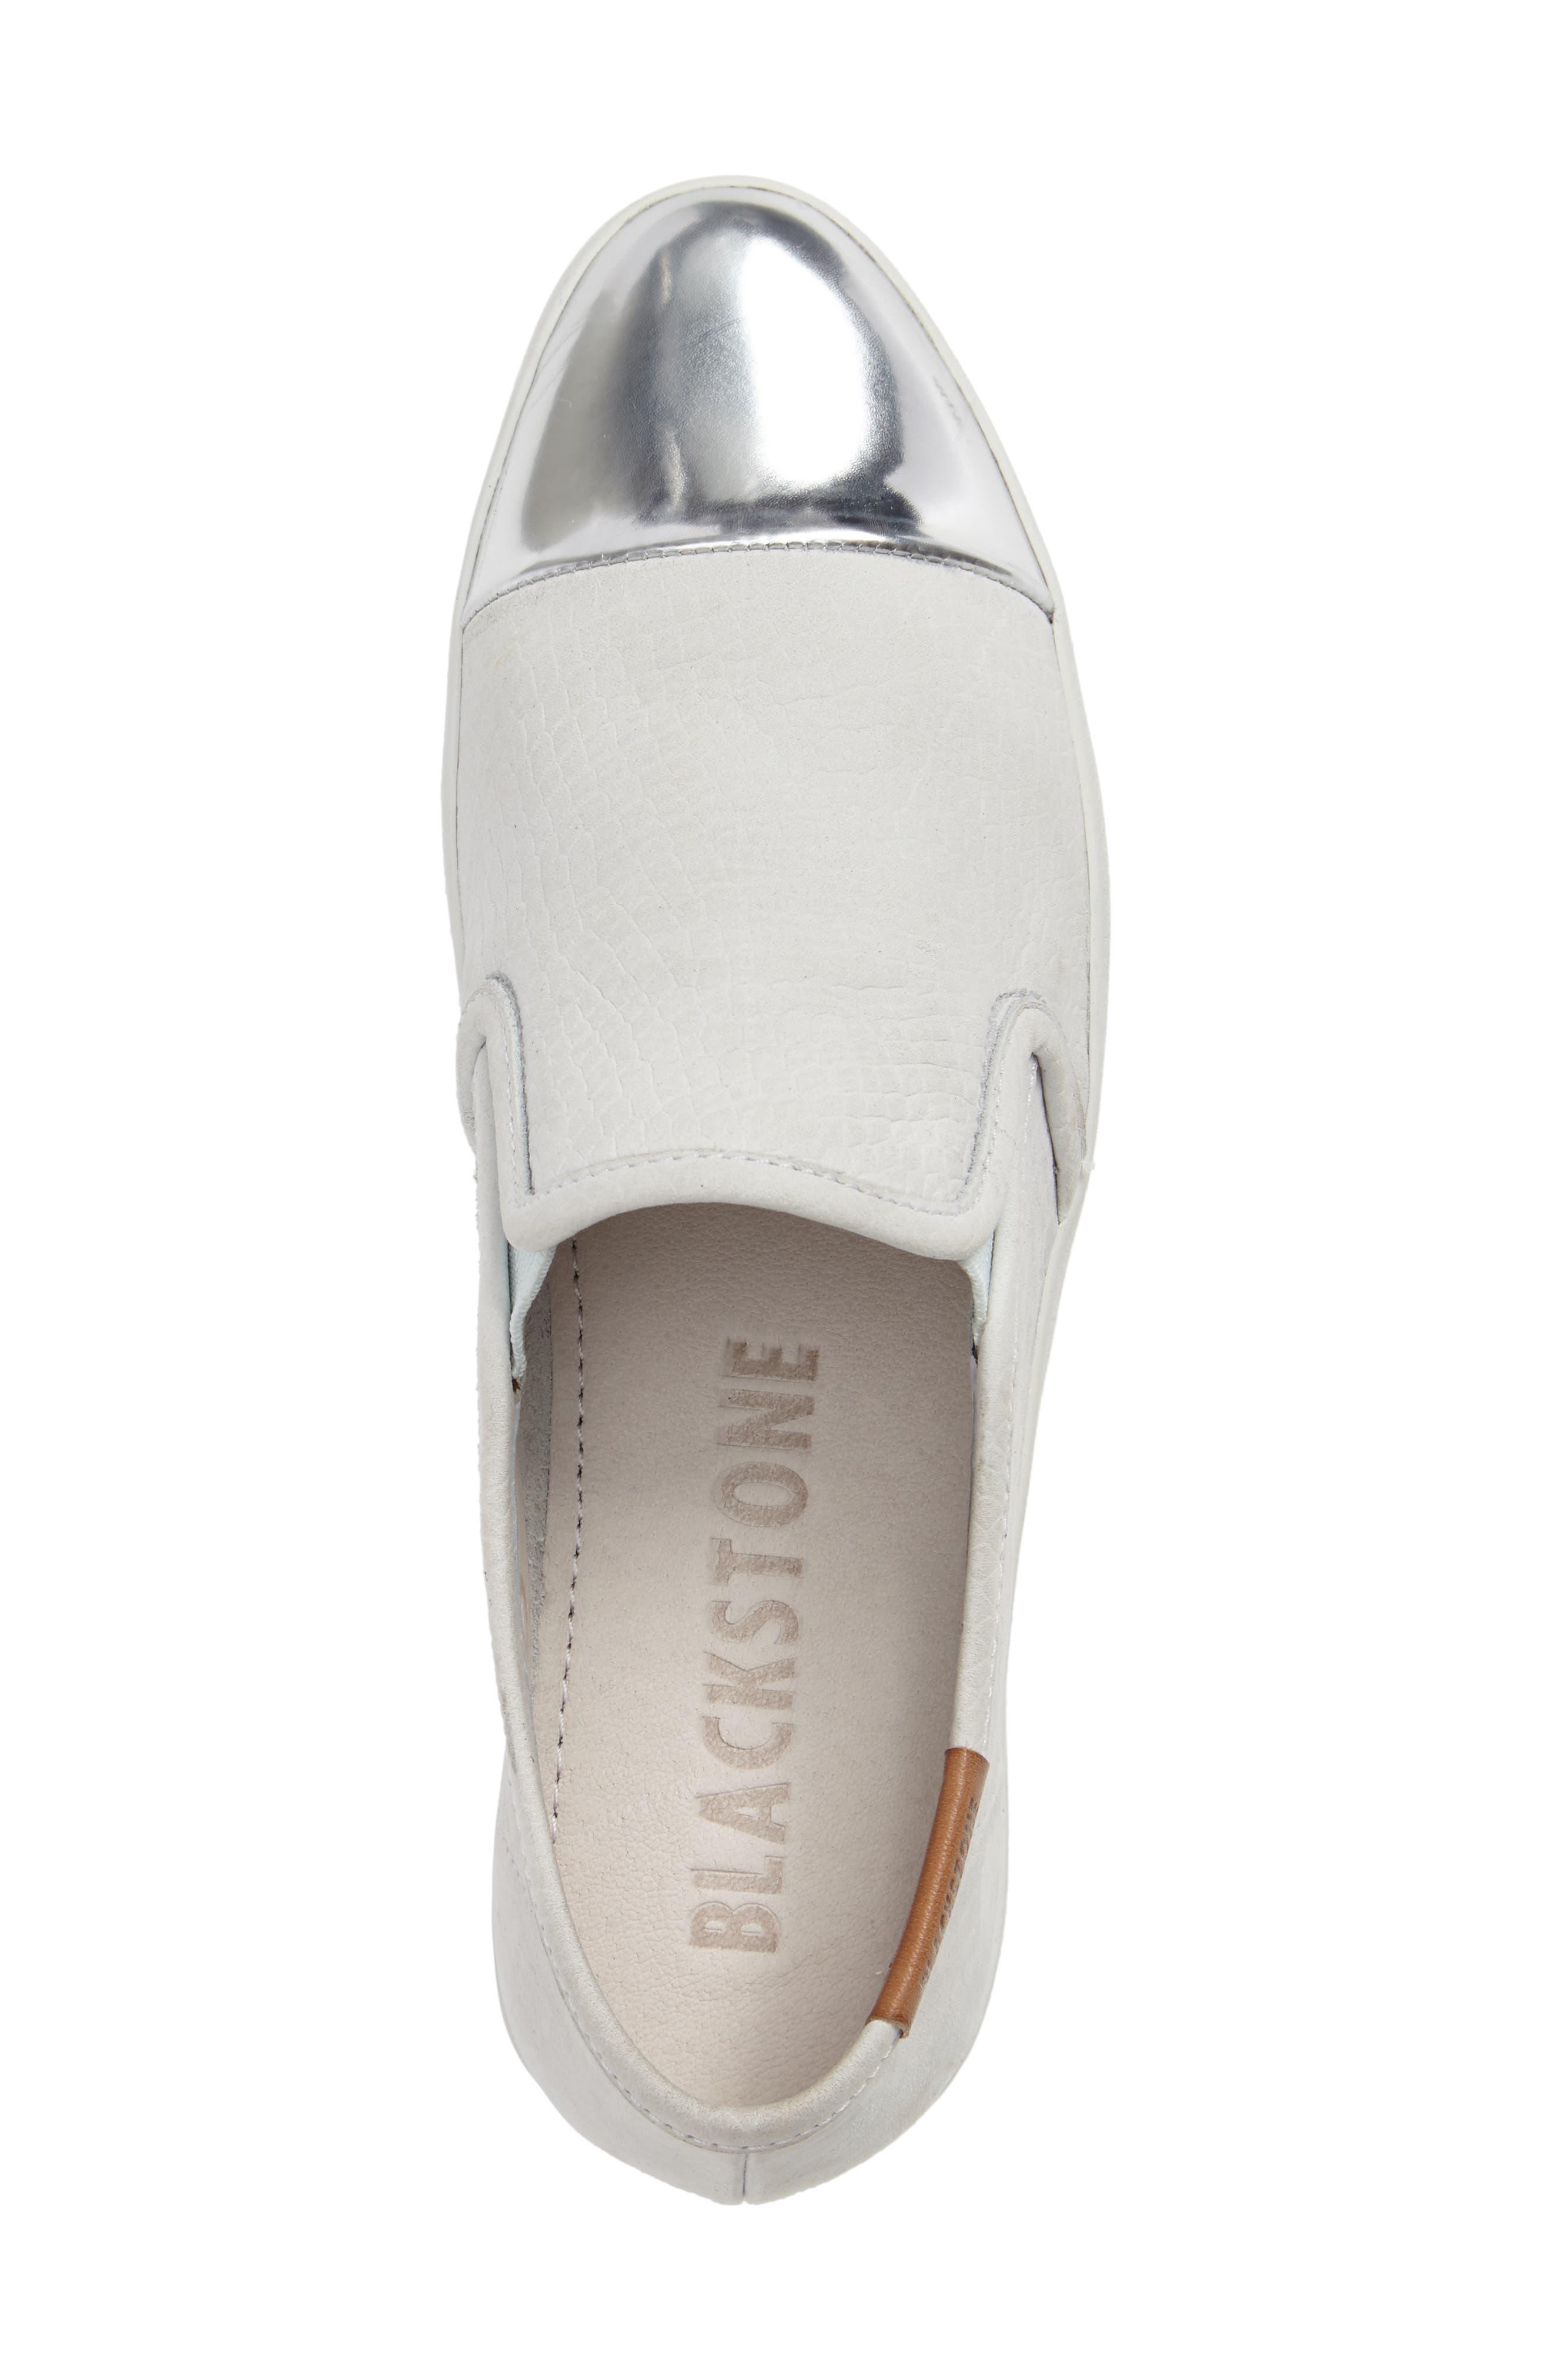 NL47 Slip-On Sneaker,                             Alternate thumbnail 5, color,                             White Nubuck